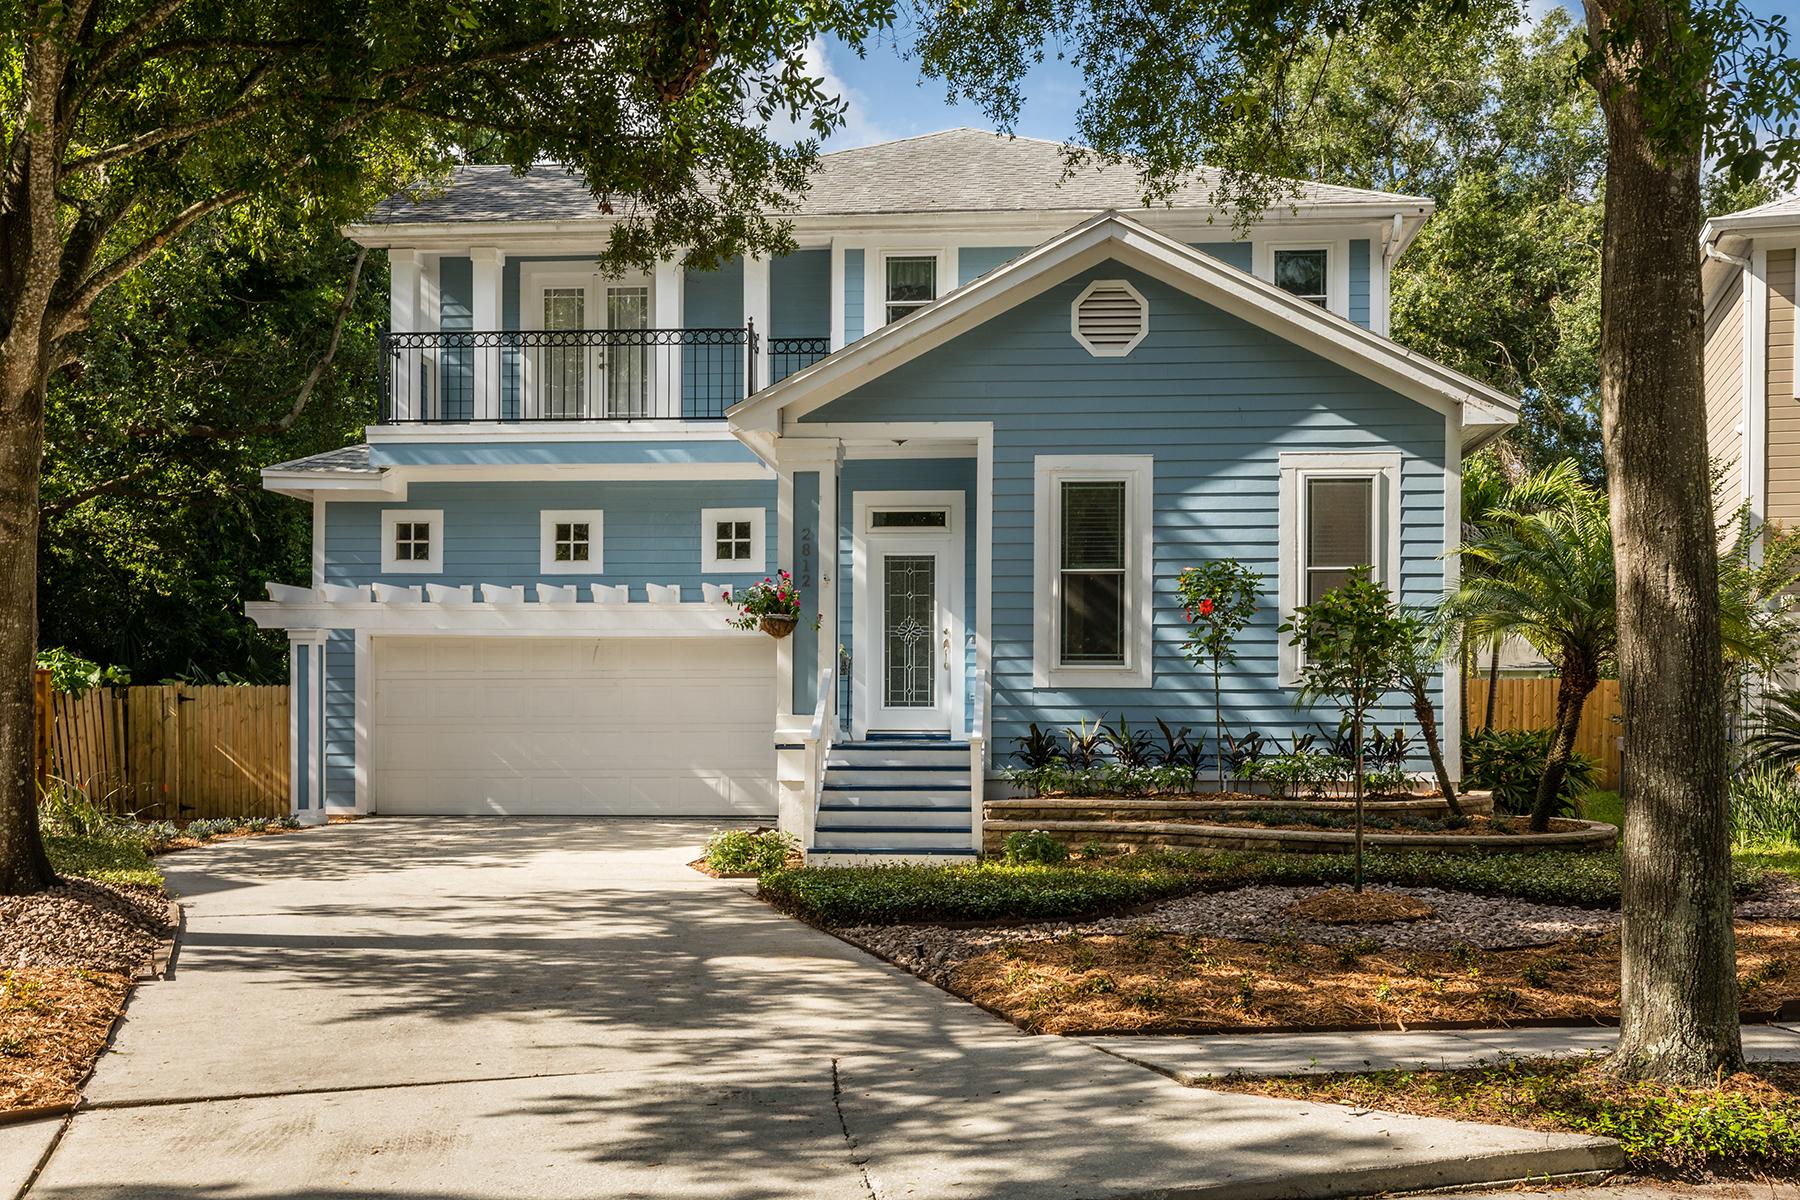 Casa Unifamiliar por un Venta en TAMPA 2812 Southpointe Ln Tampa, Florida 33611 Estados Unidos